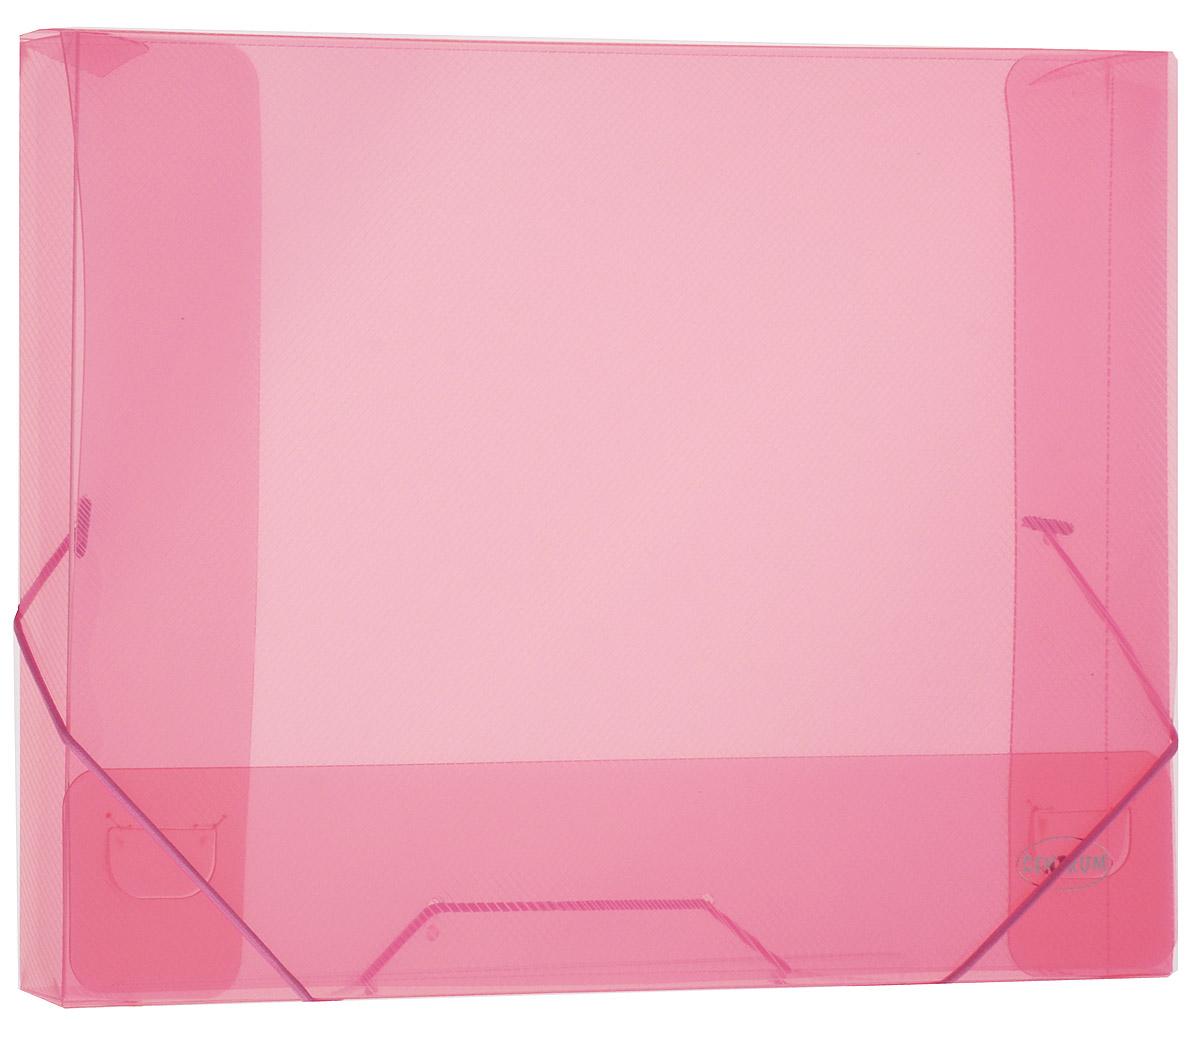 Centrum Папка на резинке цвет розовый80019_розовыйПапка-конверт на резинке Centrum - это удобный и функциональный офисный инструмент, предназначенный для хранения итранспортировки рабочих бумаг и документов формата А4.Папка с двойной угловой фиксацией резиновой лентой изготовлена из износостойкого полупрозрачного полипропилена. Внутри папка имеет три клапана, что обеспечивает надежную фиксацию бумаг и документов. Оформлена тиснением в виде параллельной штриховки.Папка - это незаменимый атрибут для студента, школьника, офисного работника. Она надежно сохранит ваши документы исбережет их от повреждений, пыли и влаги.